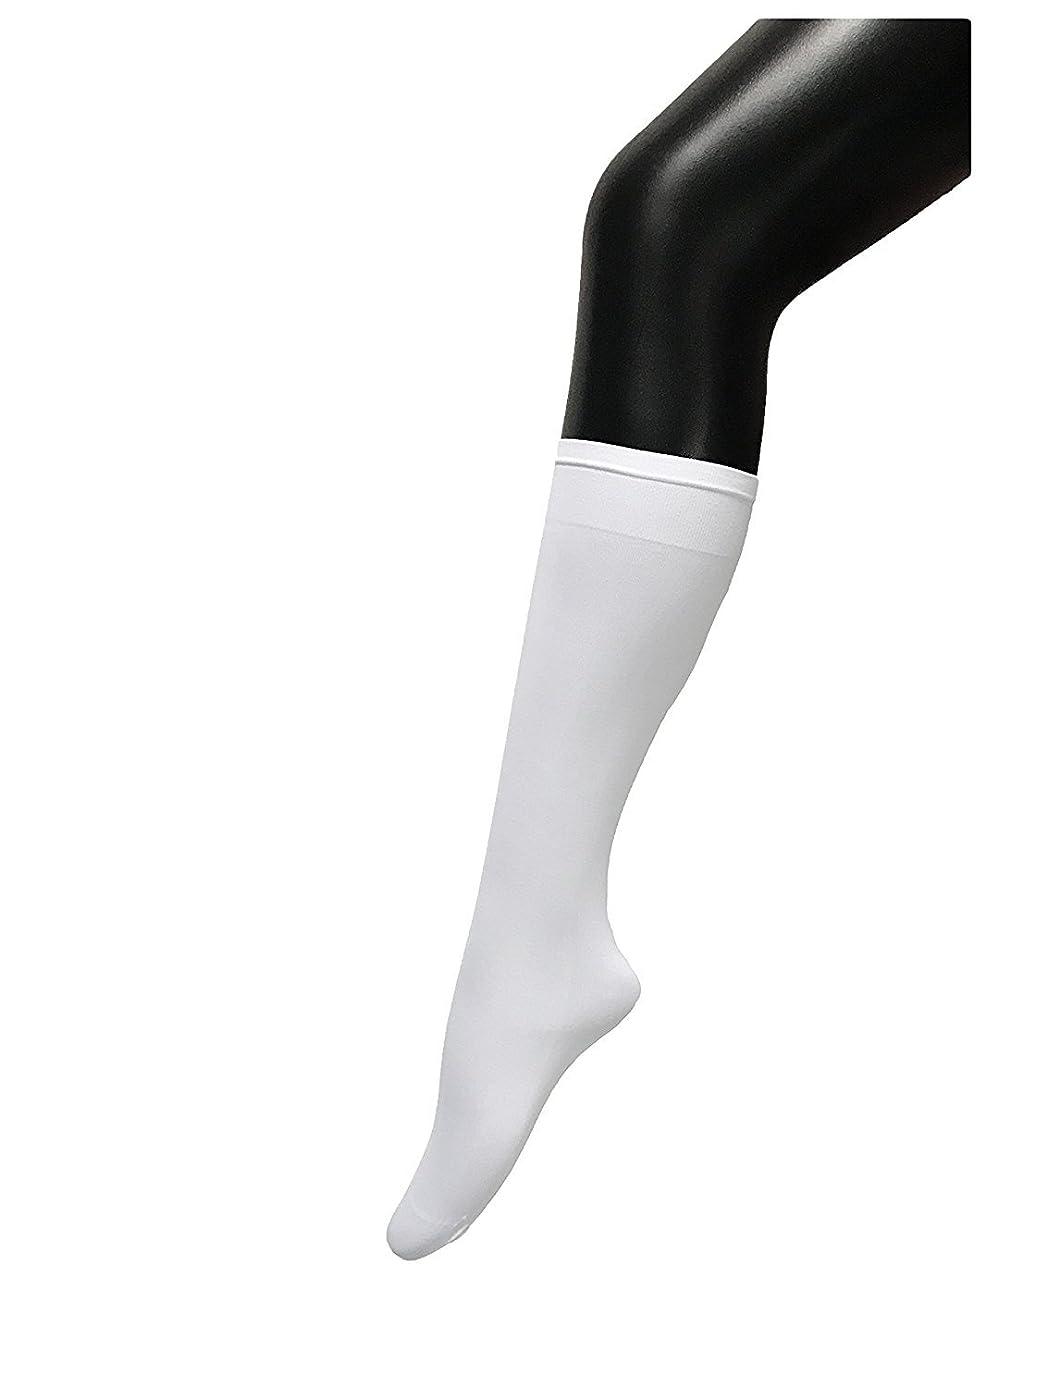 フォーク共和党水没COSCO ストッキング ソックス ニーソックス 膝下タイプ 着圧 美脚 40CM